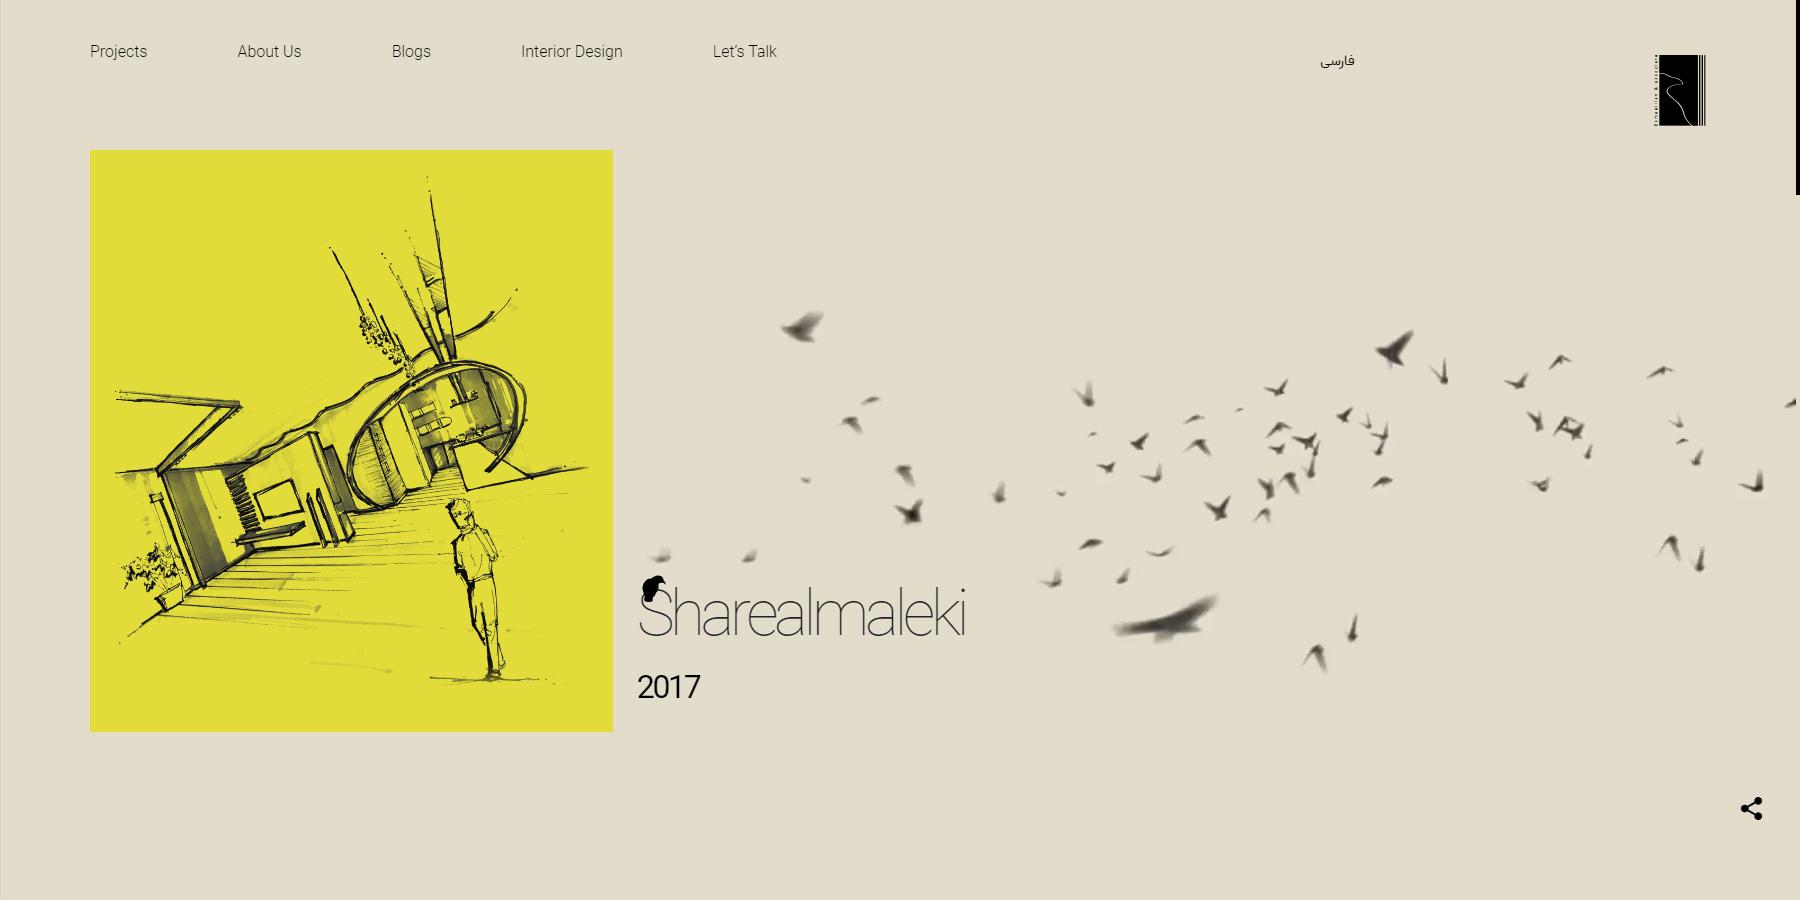 khesht-o-khorshid - Website of the Day